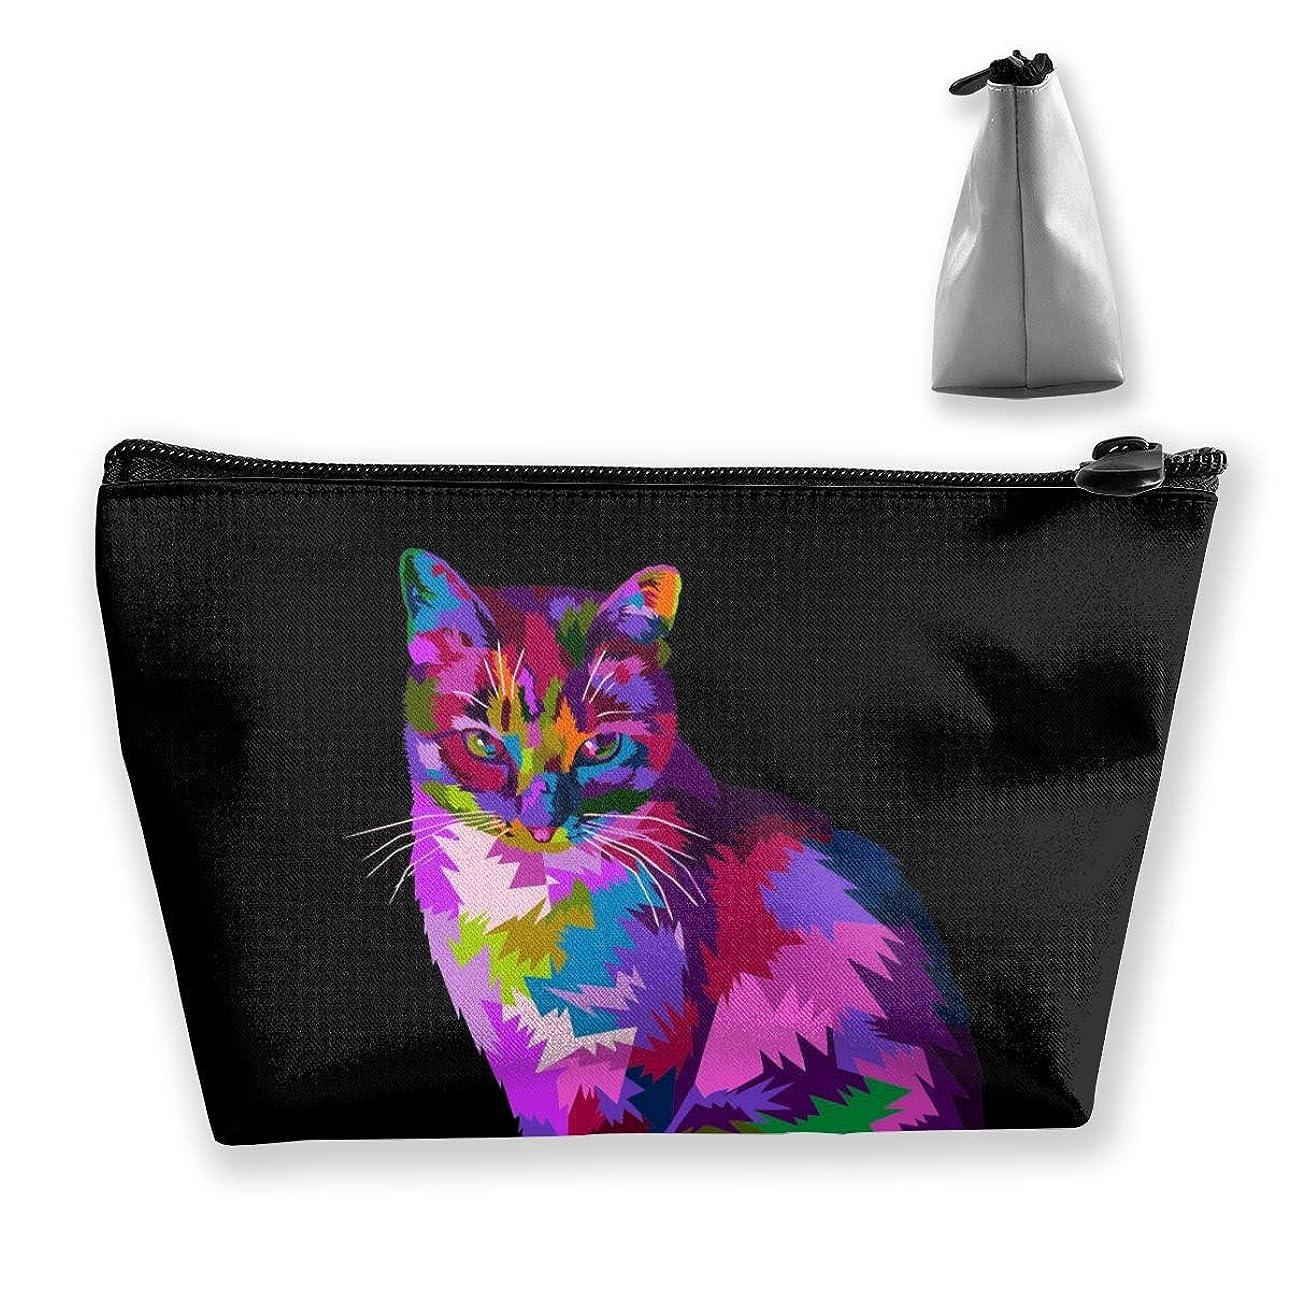 で出来ているオプショナル累計動物猫銀河 ペンケース文房具バッグ大容量ペンケース化粧品袋収納袋男の子と女の子多機能浴室シャワーバッグ旅行ポータブルストレージバッグ